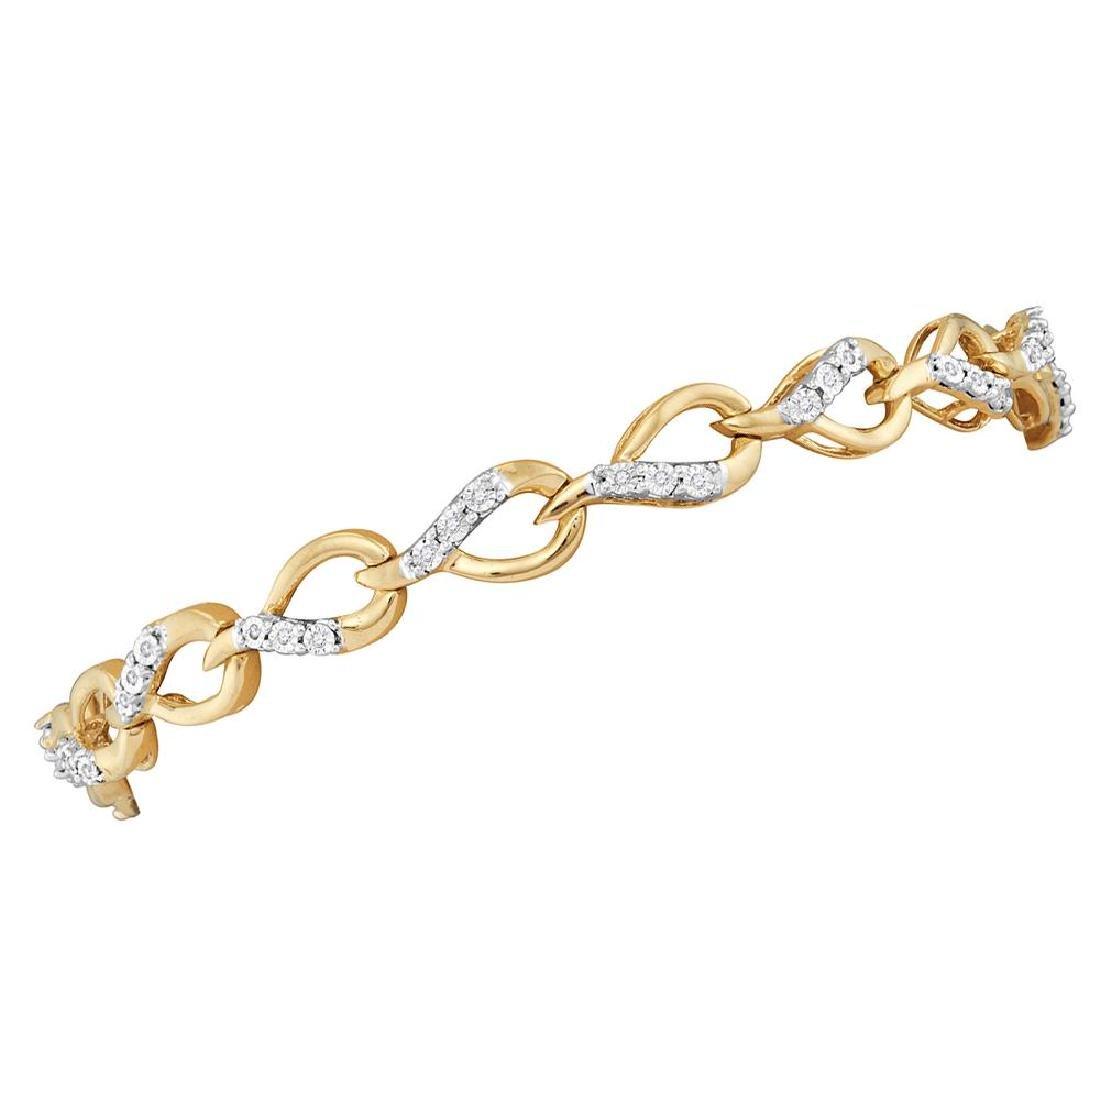 0.15 CTW Diamond Linked Teardrop Tennis Bracelet 10KT